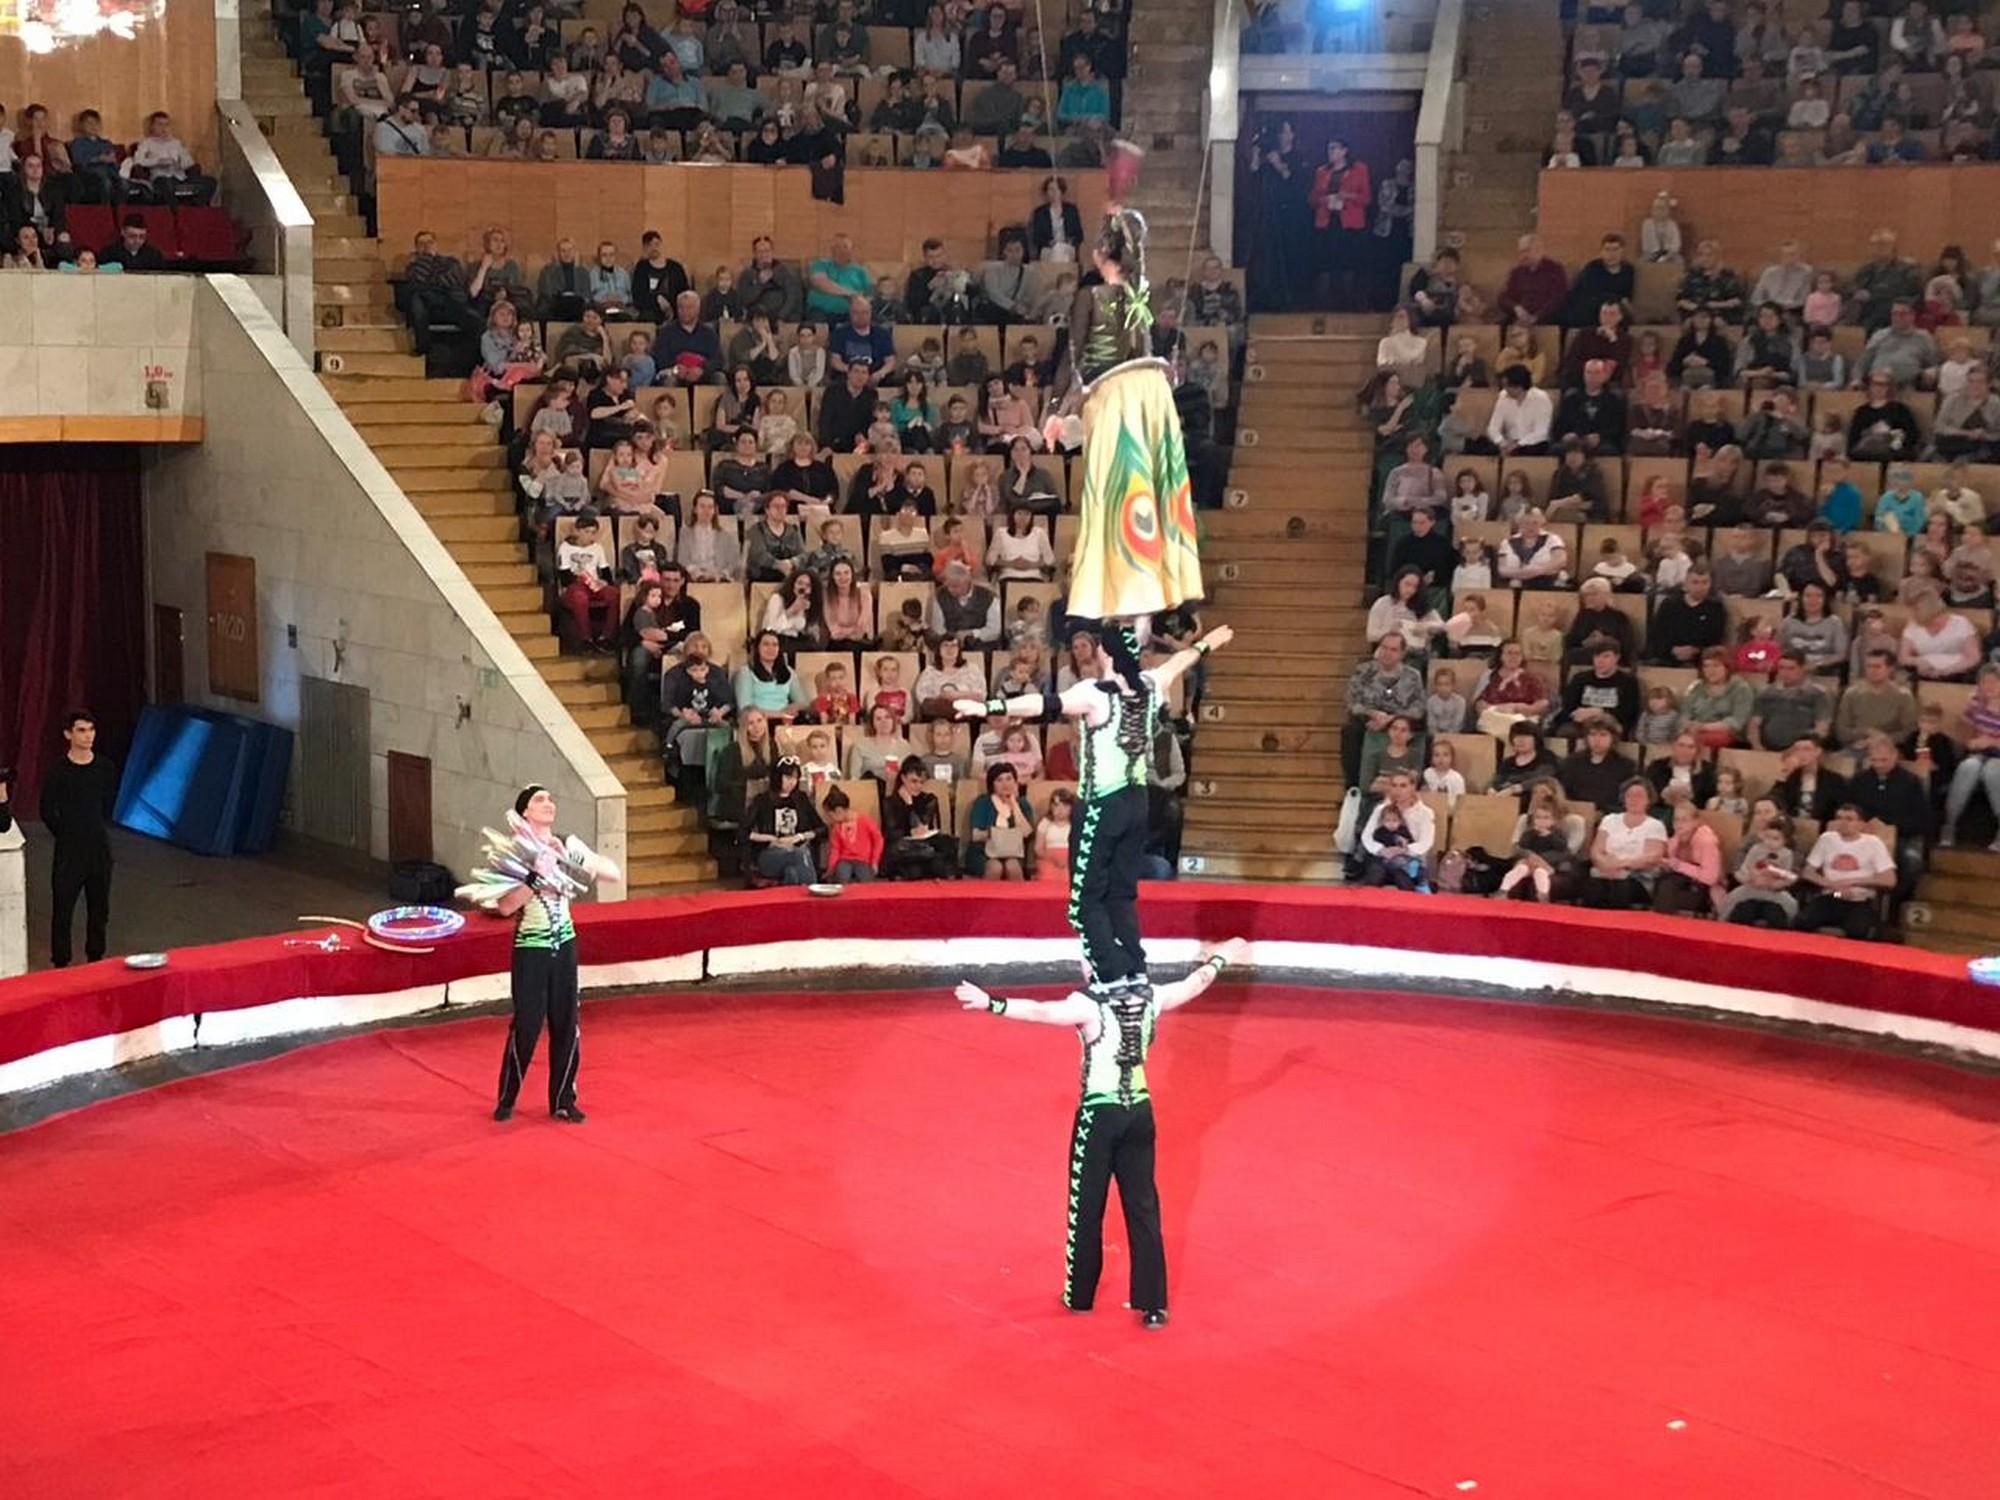 В минувшую субботу, 27 апреля,приехавший из Германии цирк братьев Гертнер порадовал зрителей свое